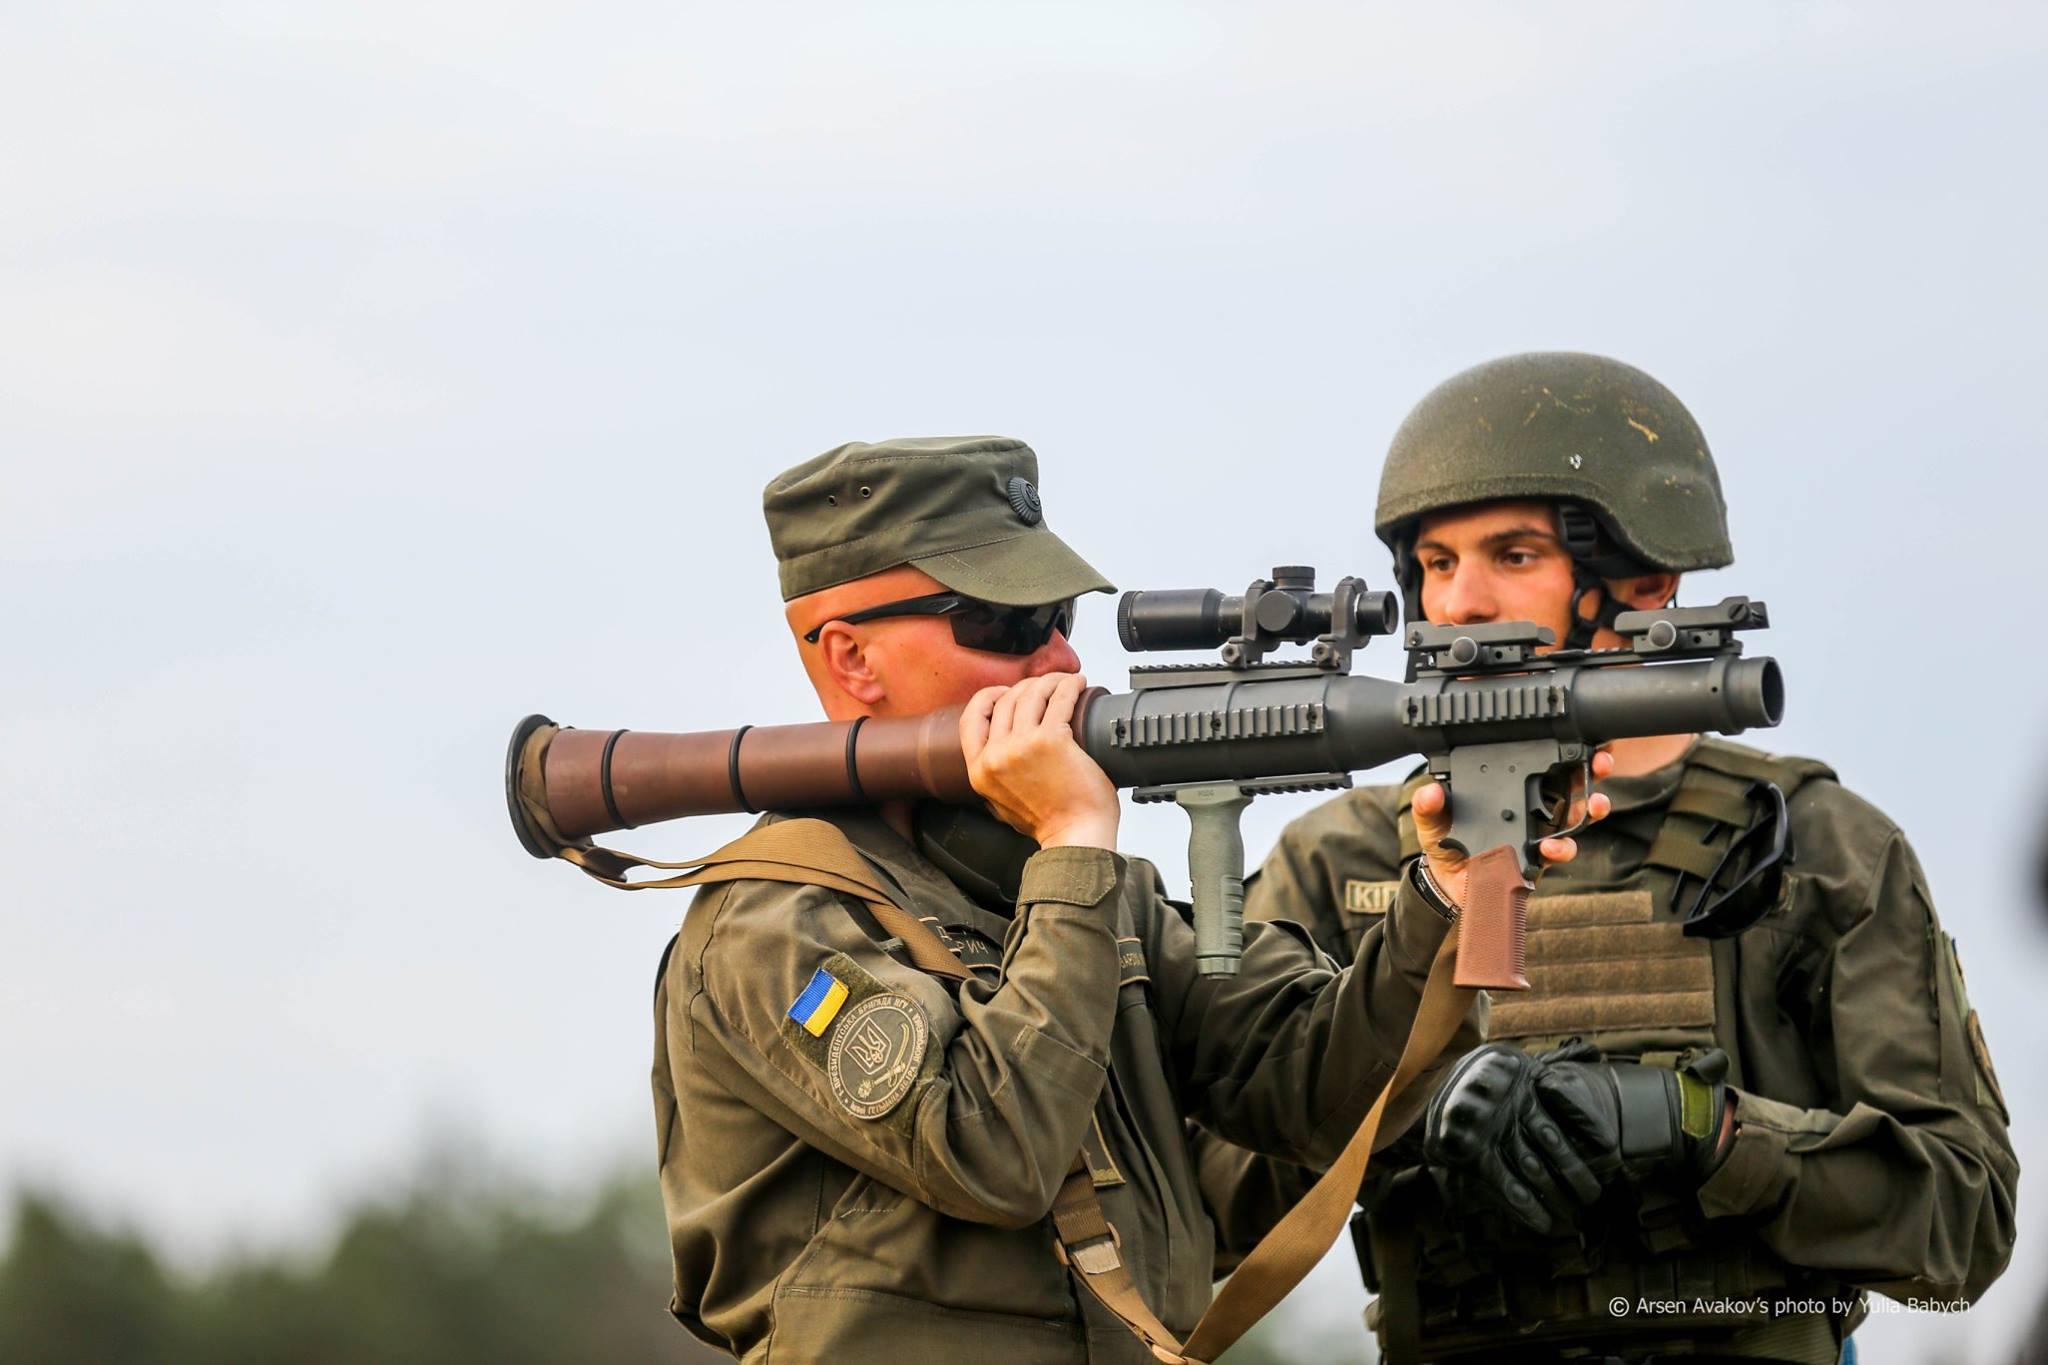 Новини України - Зведення ООС: бойовики порушують домовленості та несу